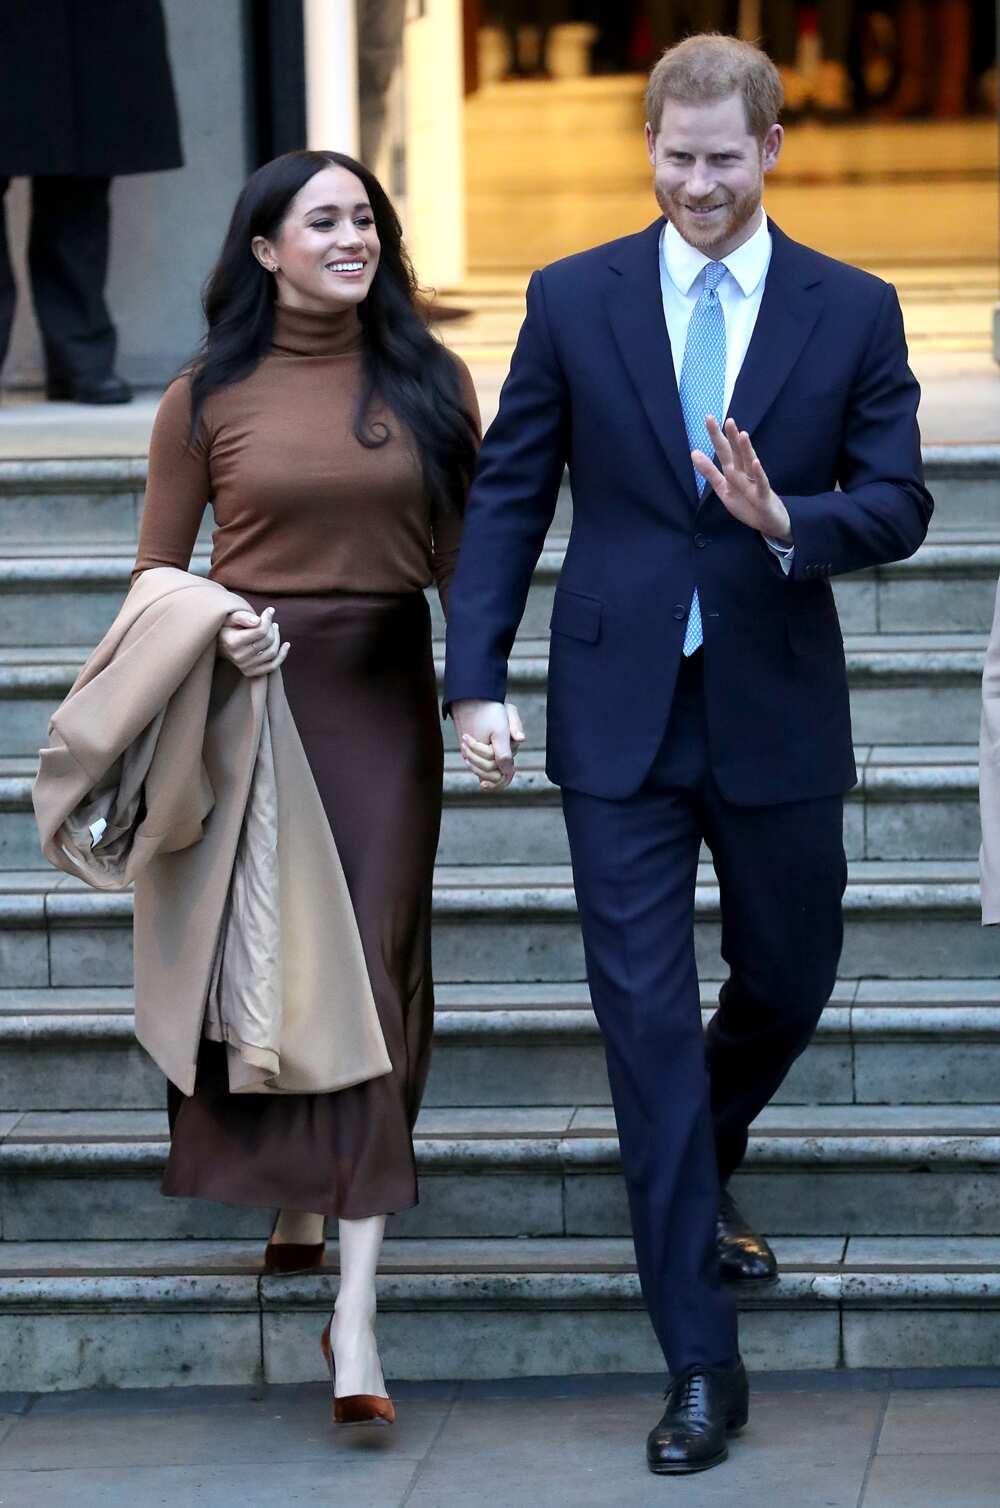 Le prince Harry, duc de Sussex et Meghan, duchesse de Sussex quittent la Maison du Canada le 7 janvier 2020 à Londres, en Angleterre. (Photo de Chris Jackson)